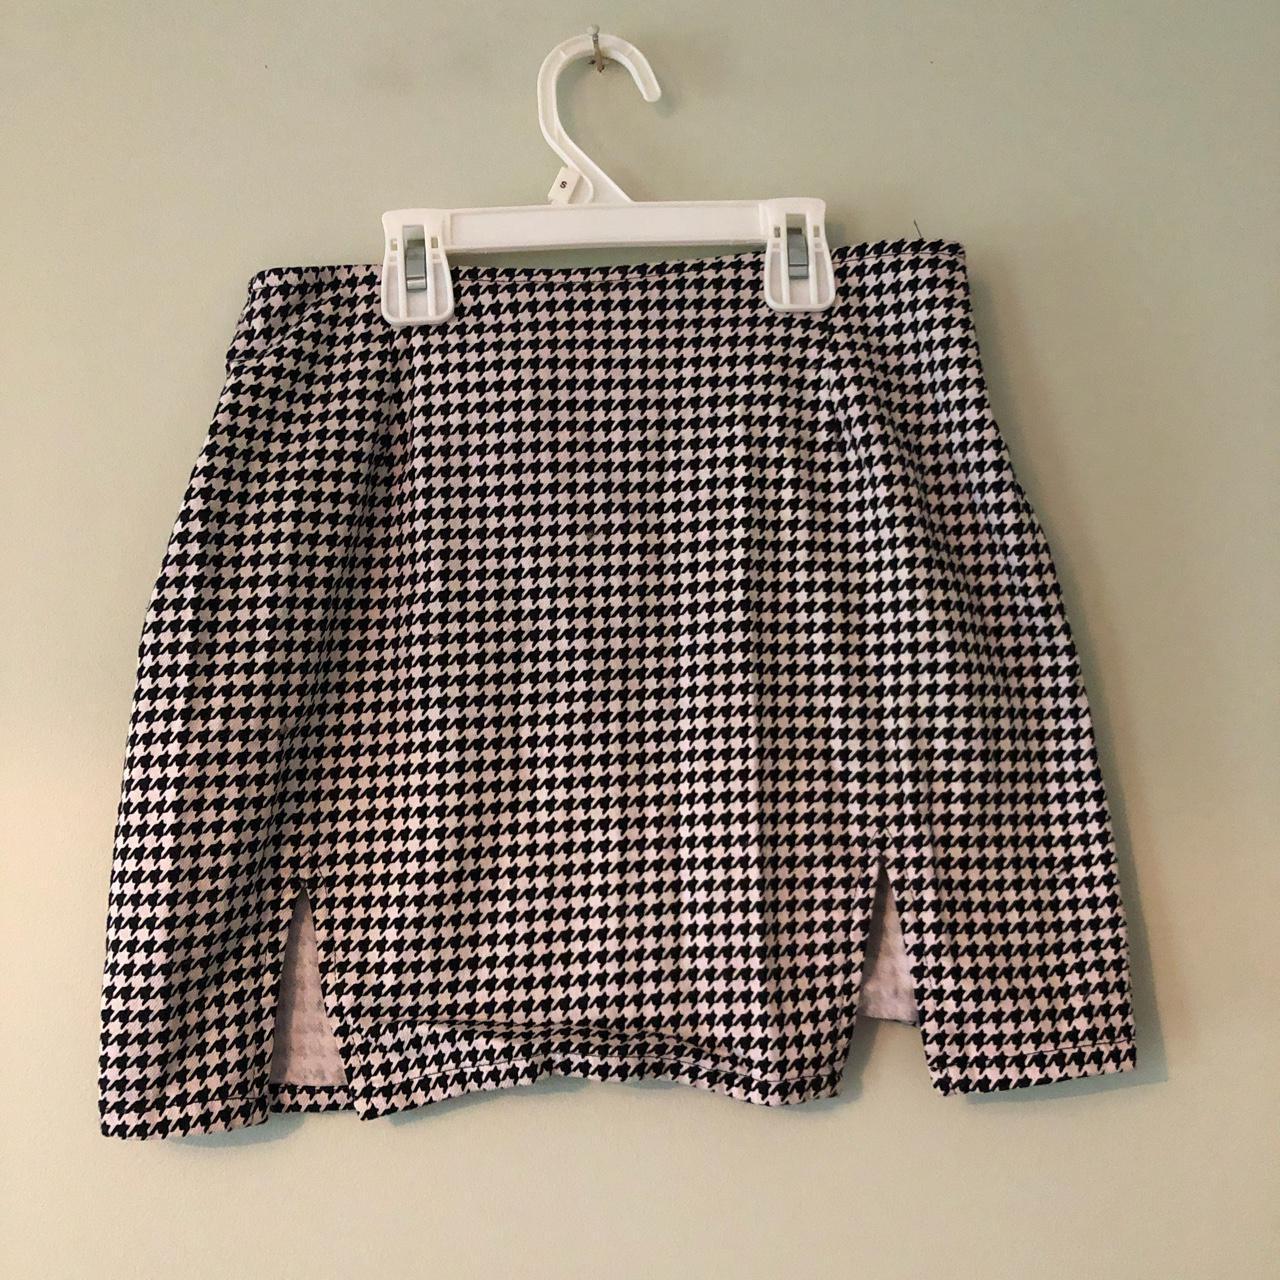 Product Image 1 - Motel skirt - says XS